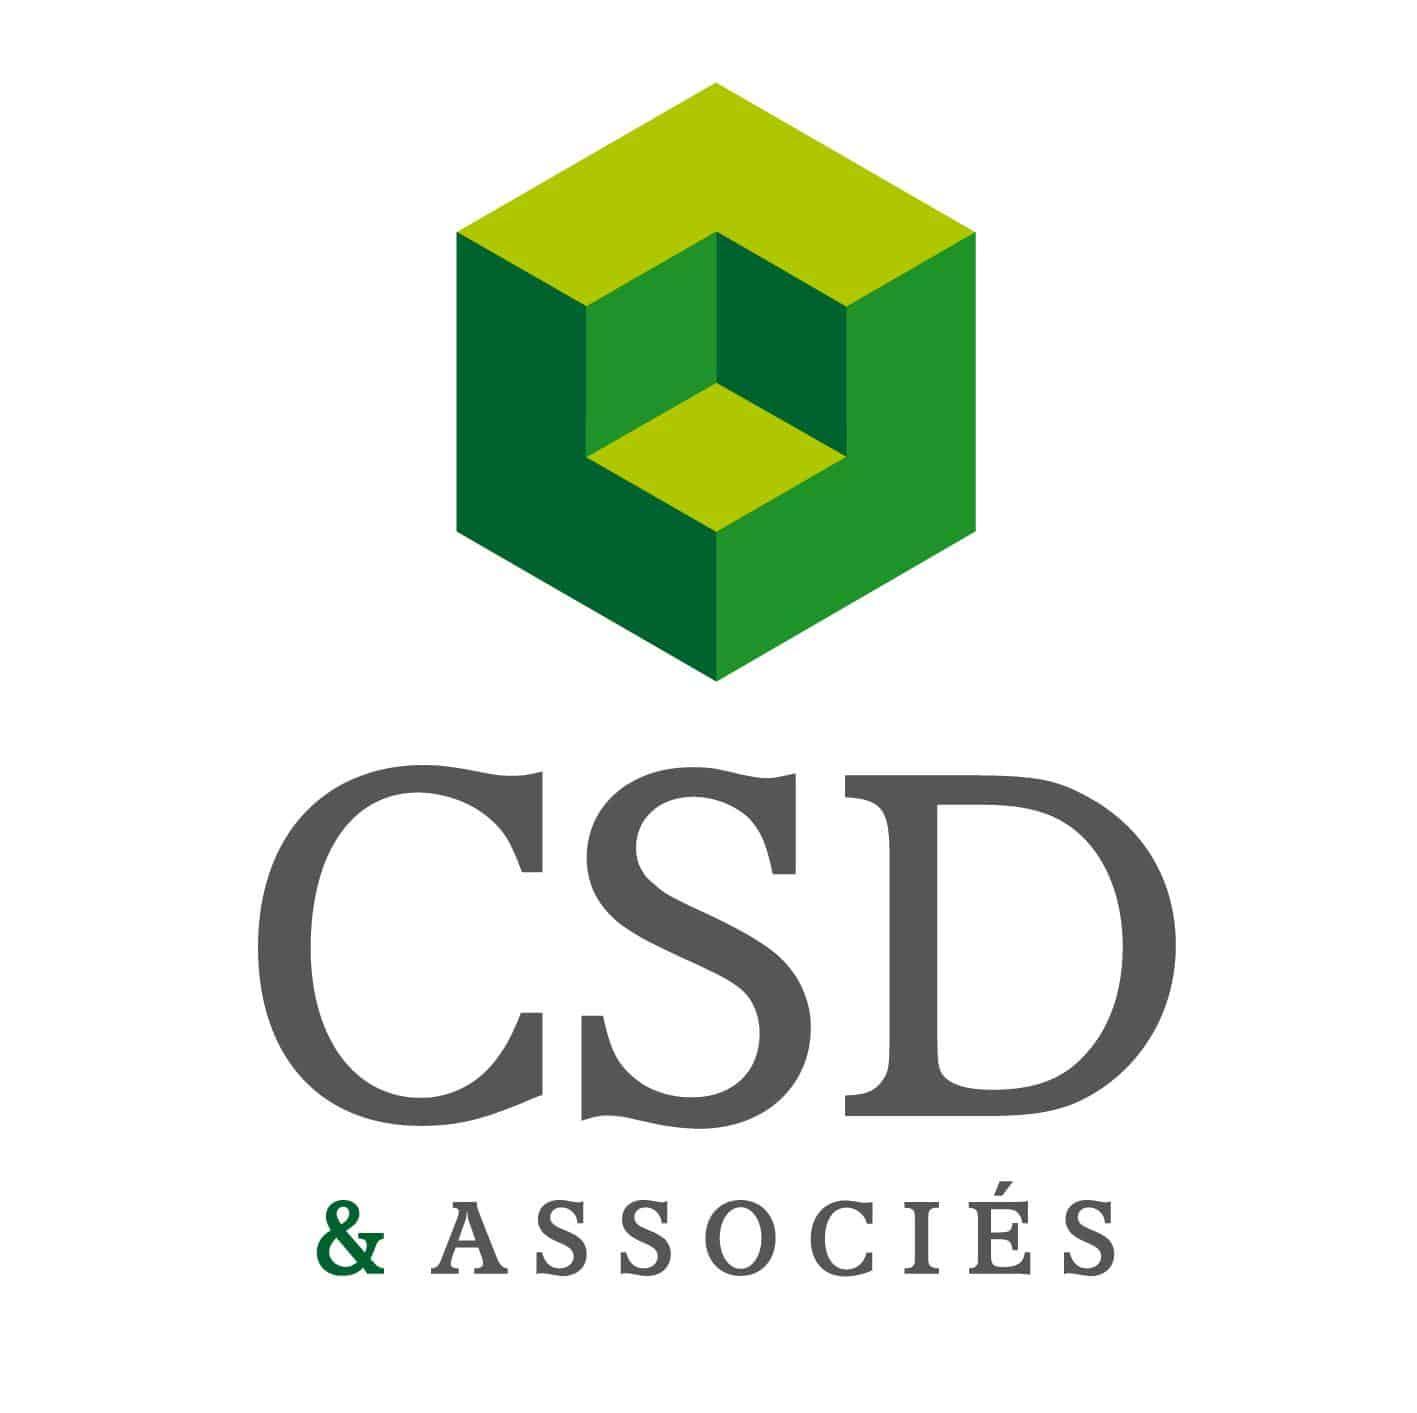 csd-associes-incendie